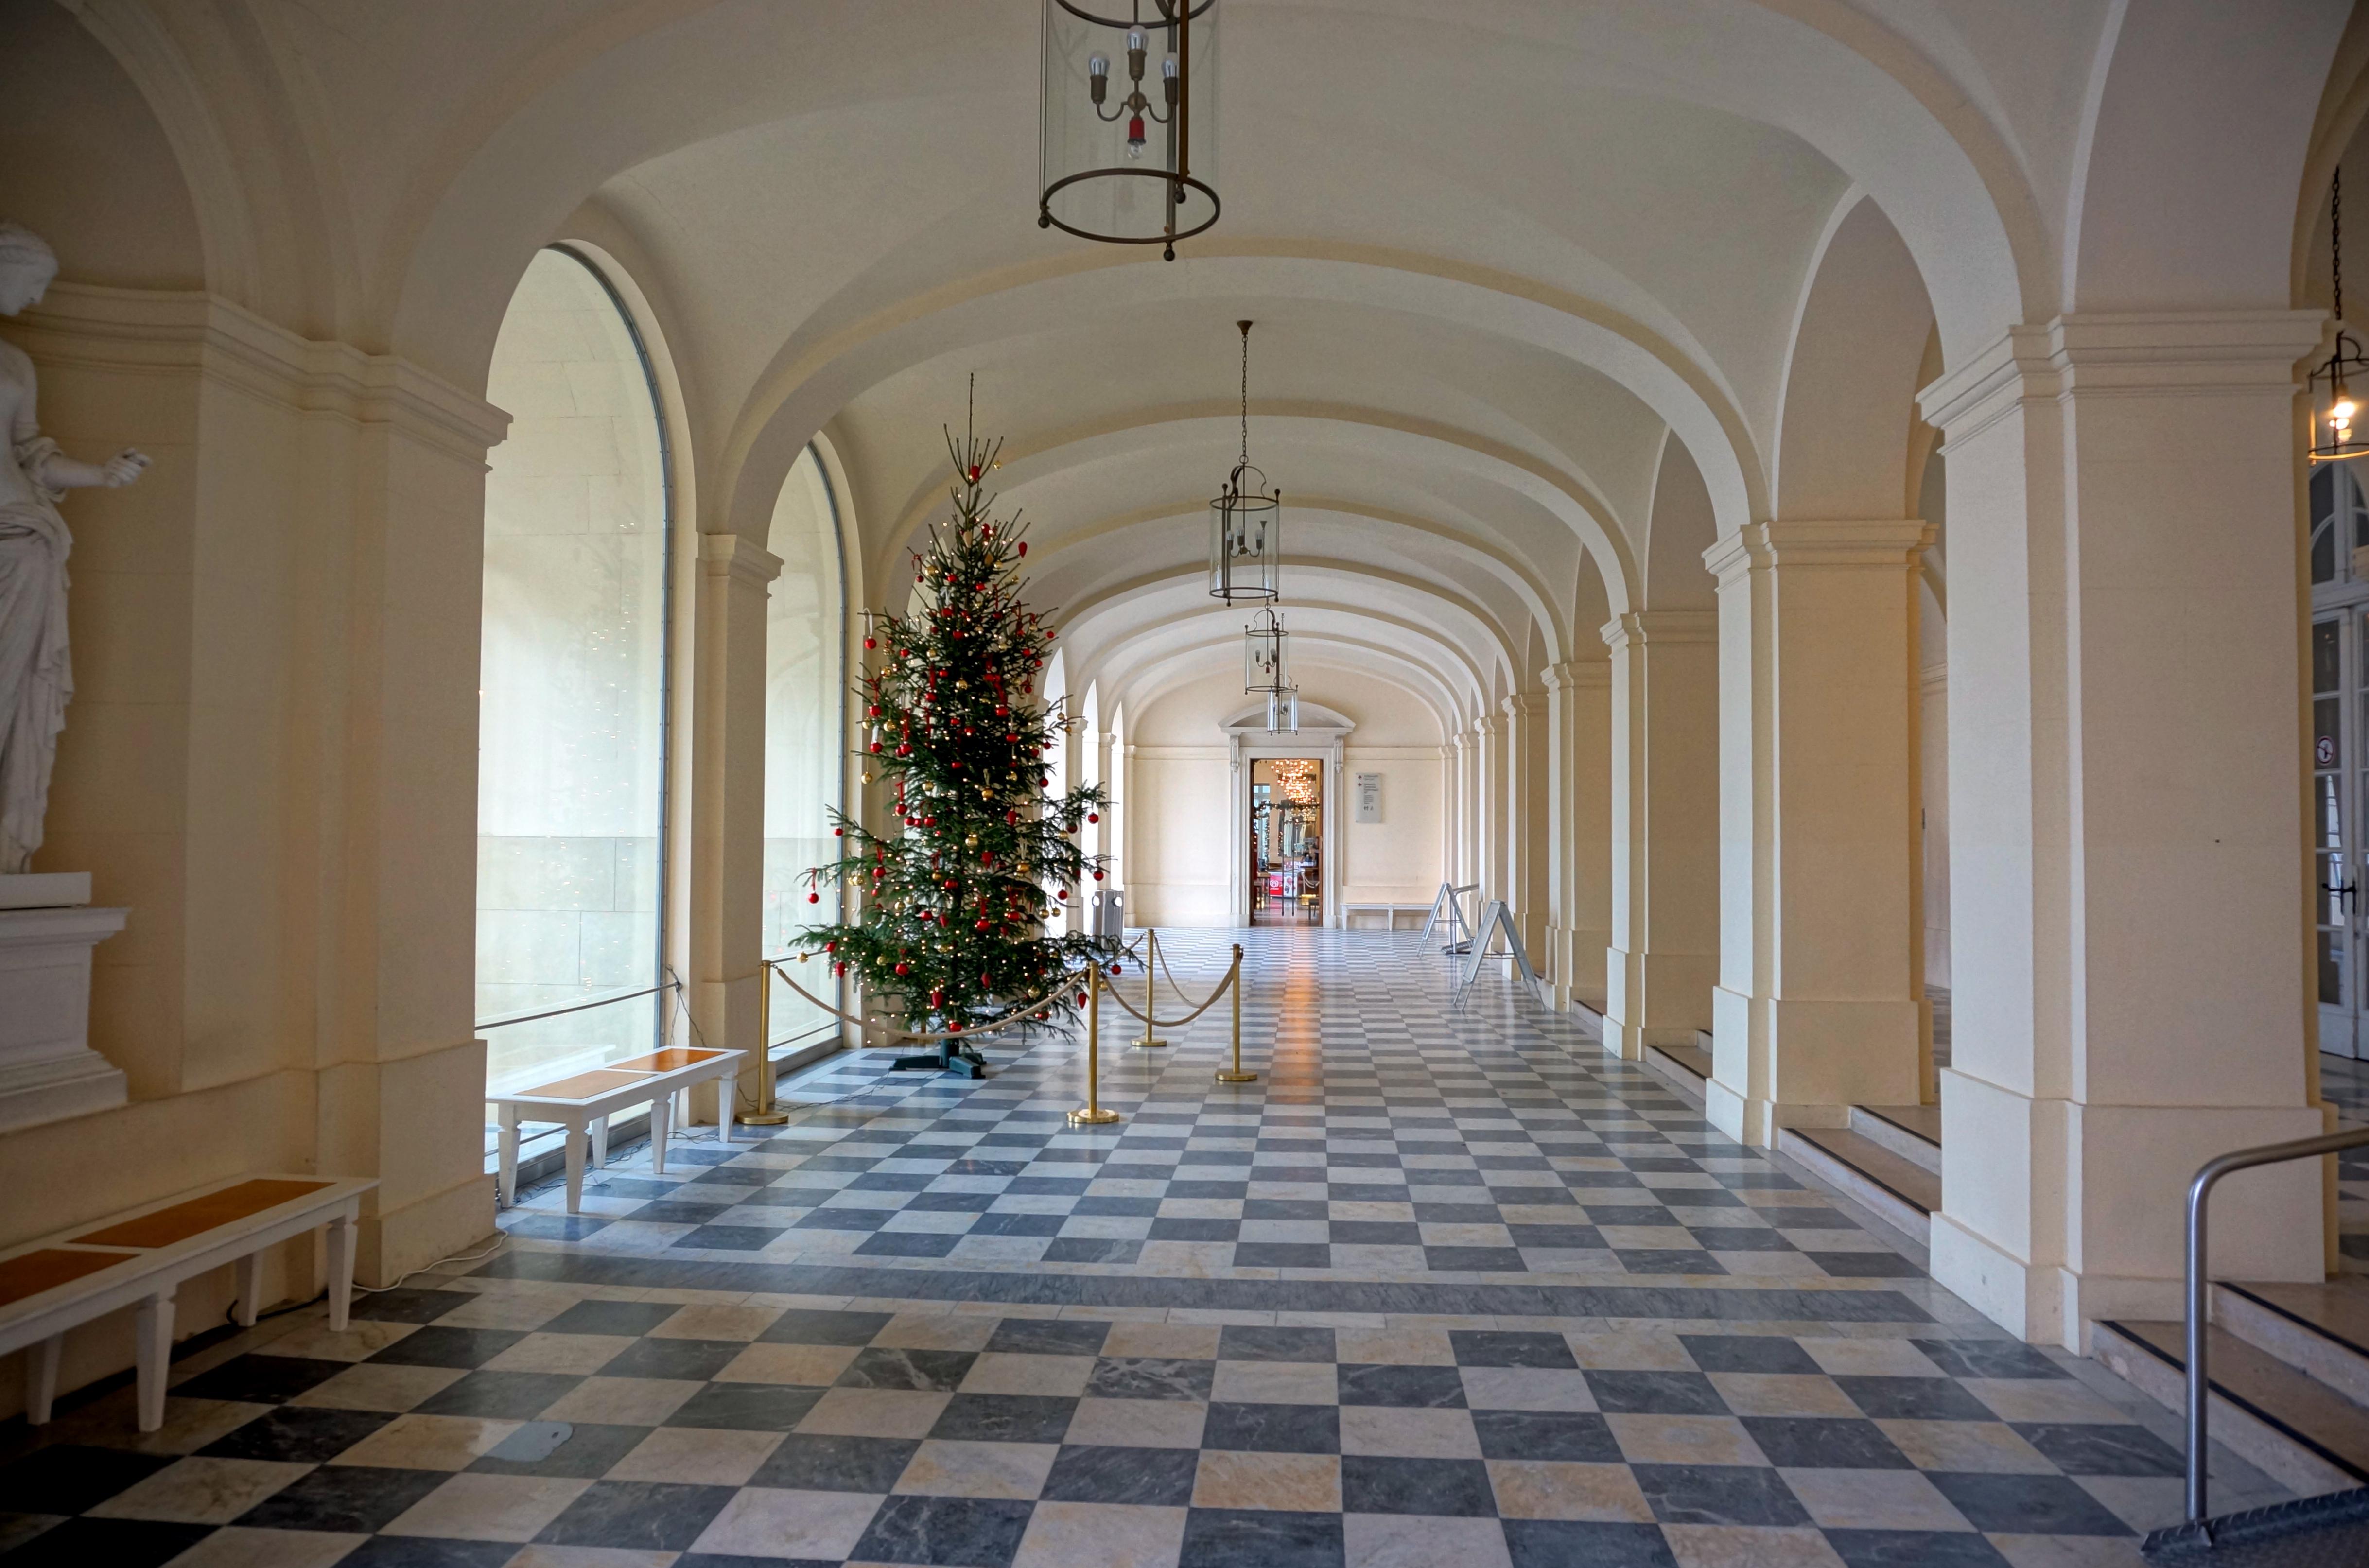 Bild von Rosenheim (Landkreis): Herrenchiemsee, Neues Schloss, Eingangshalle